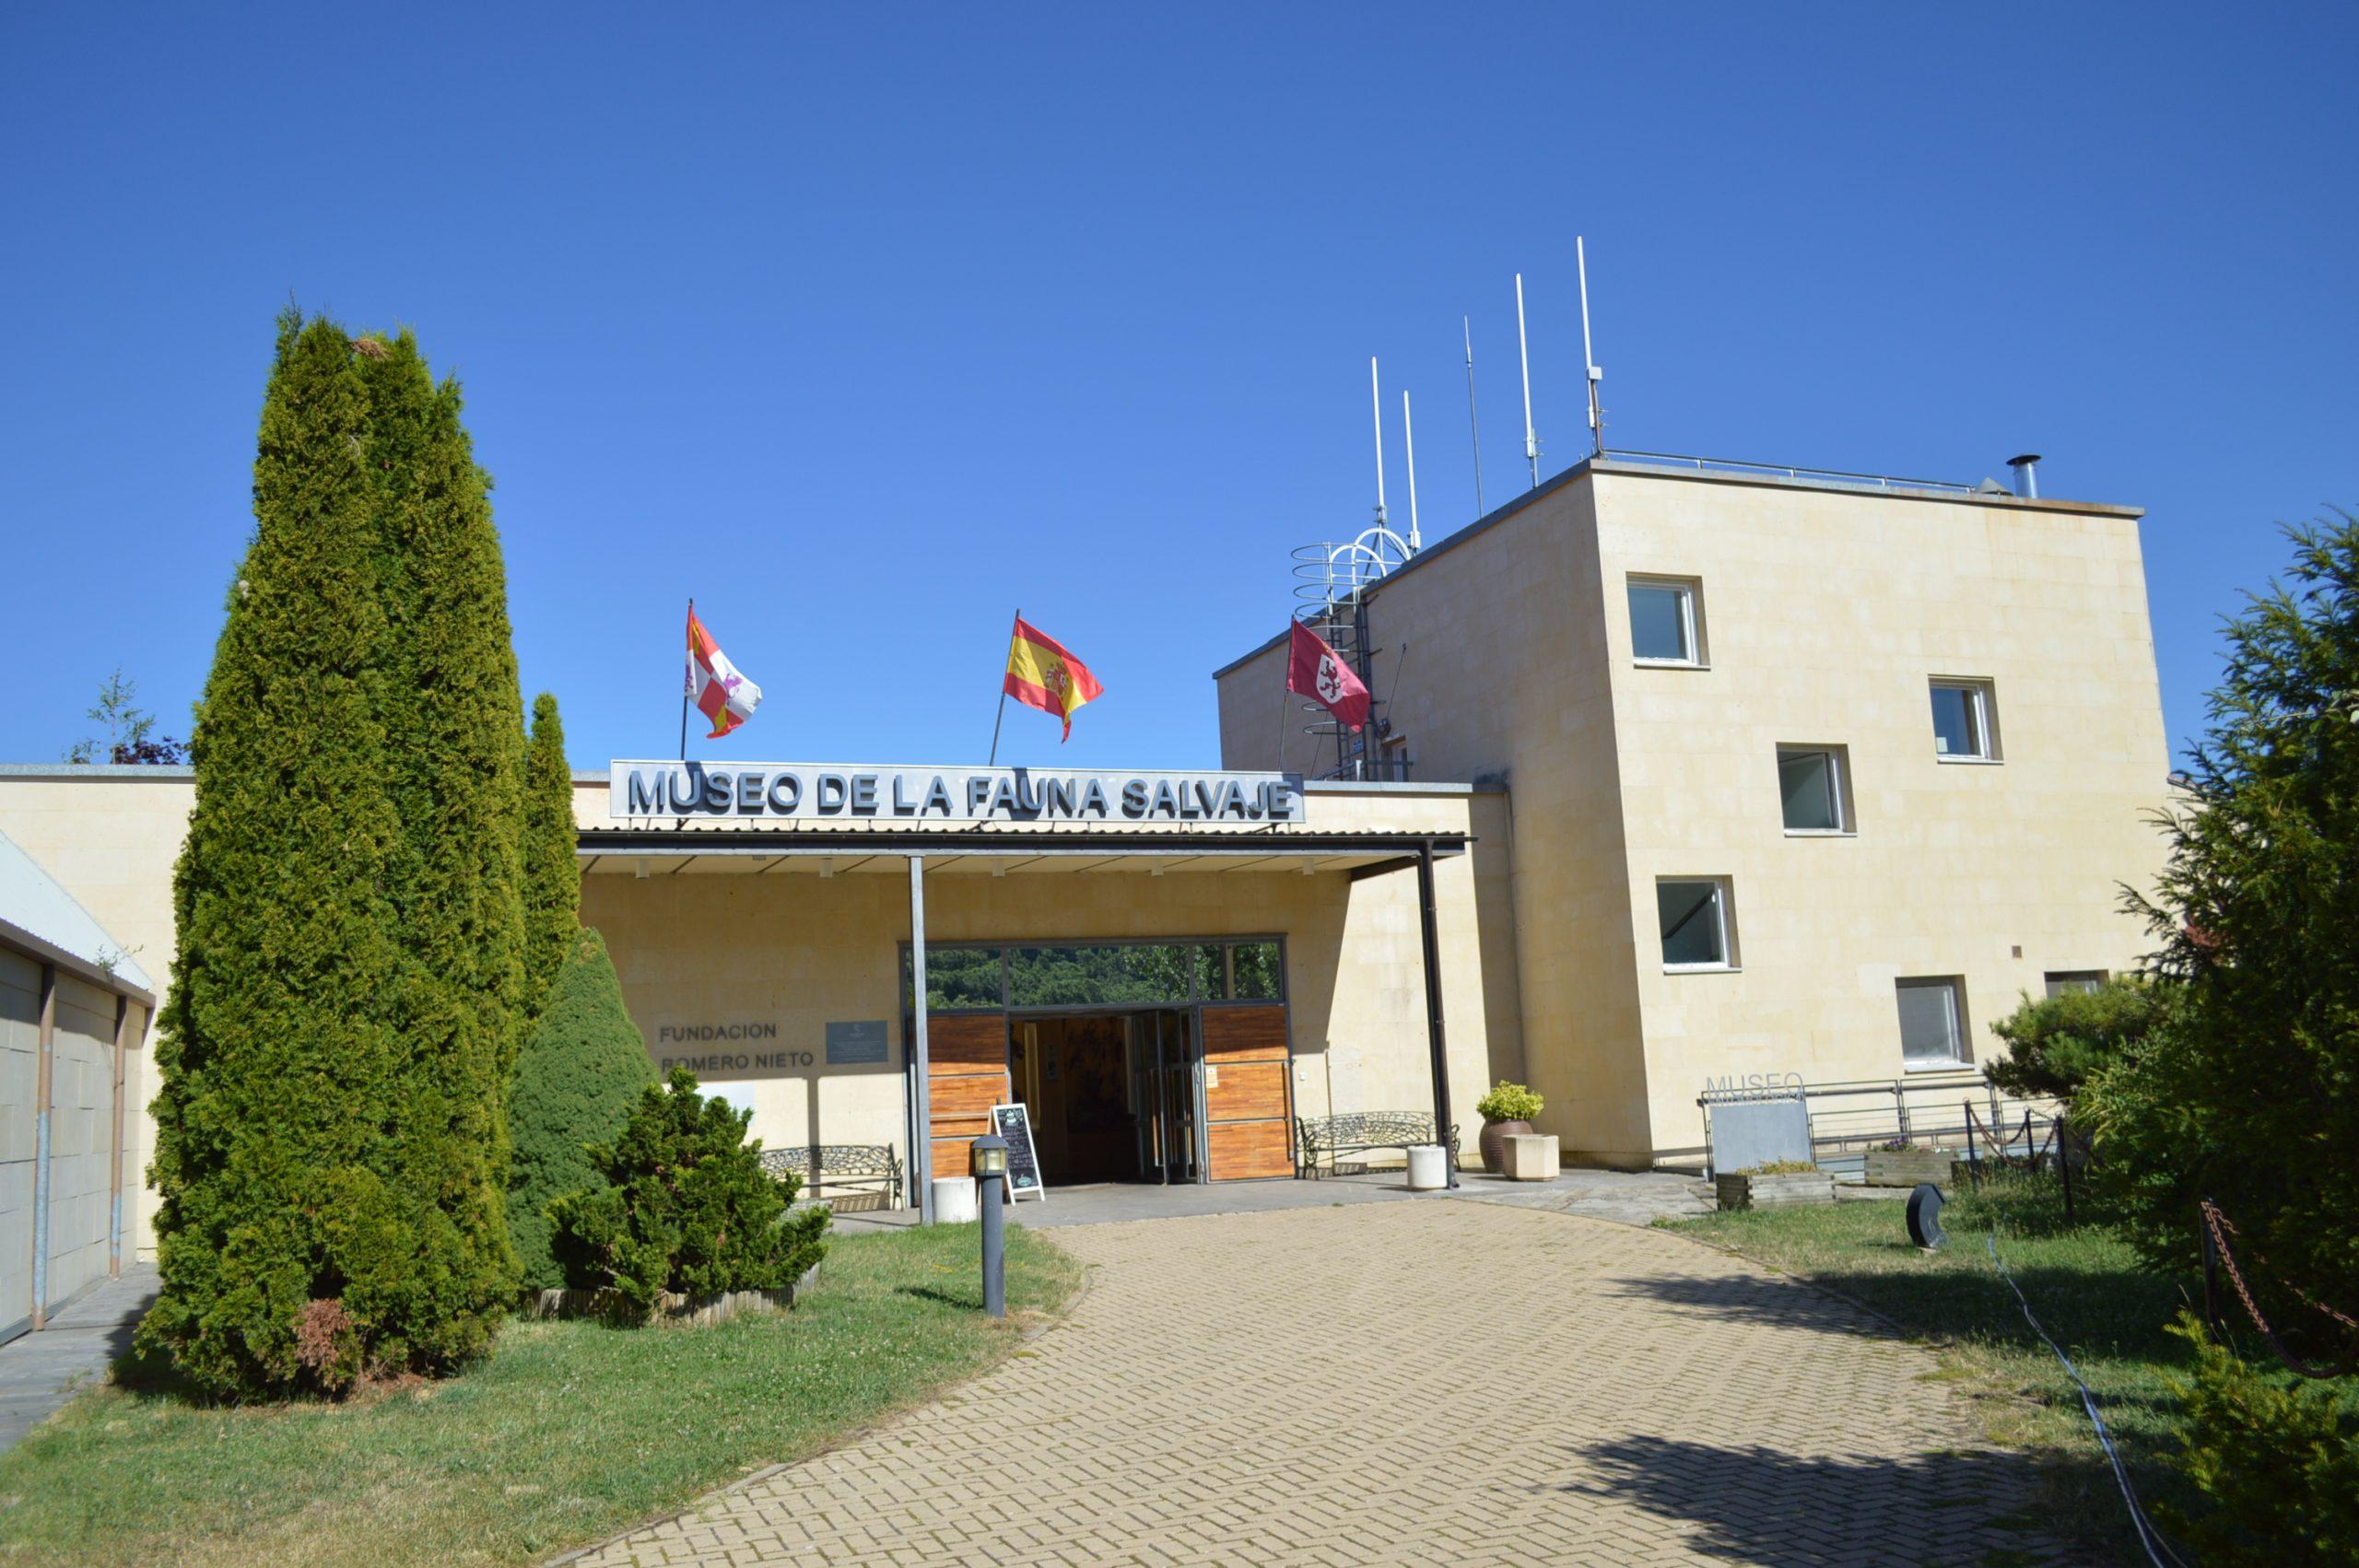 Visita al Museo de la Fauna Salvaje de Vadehuesa 2